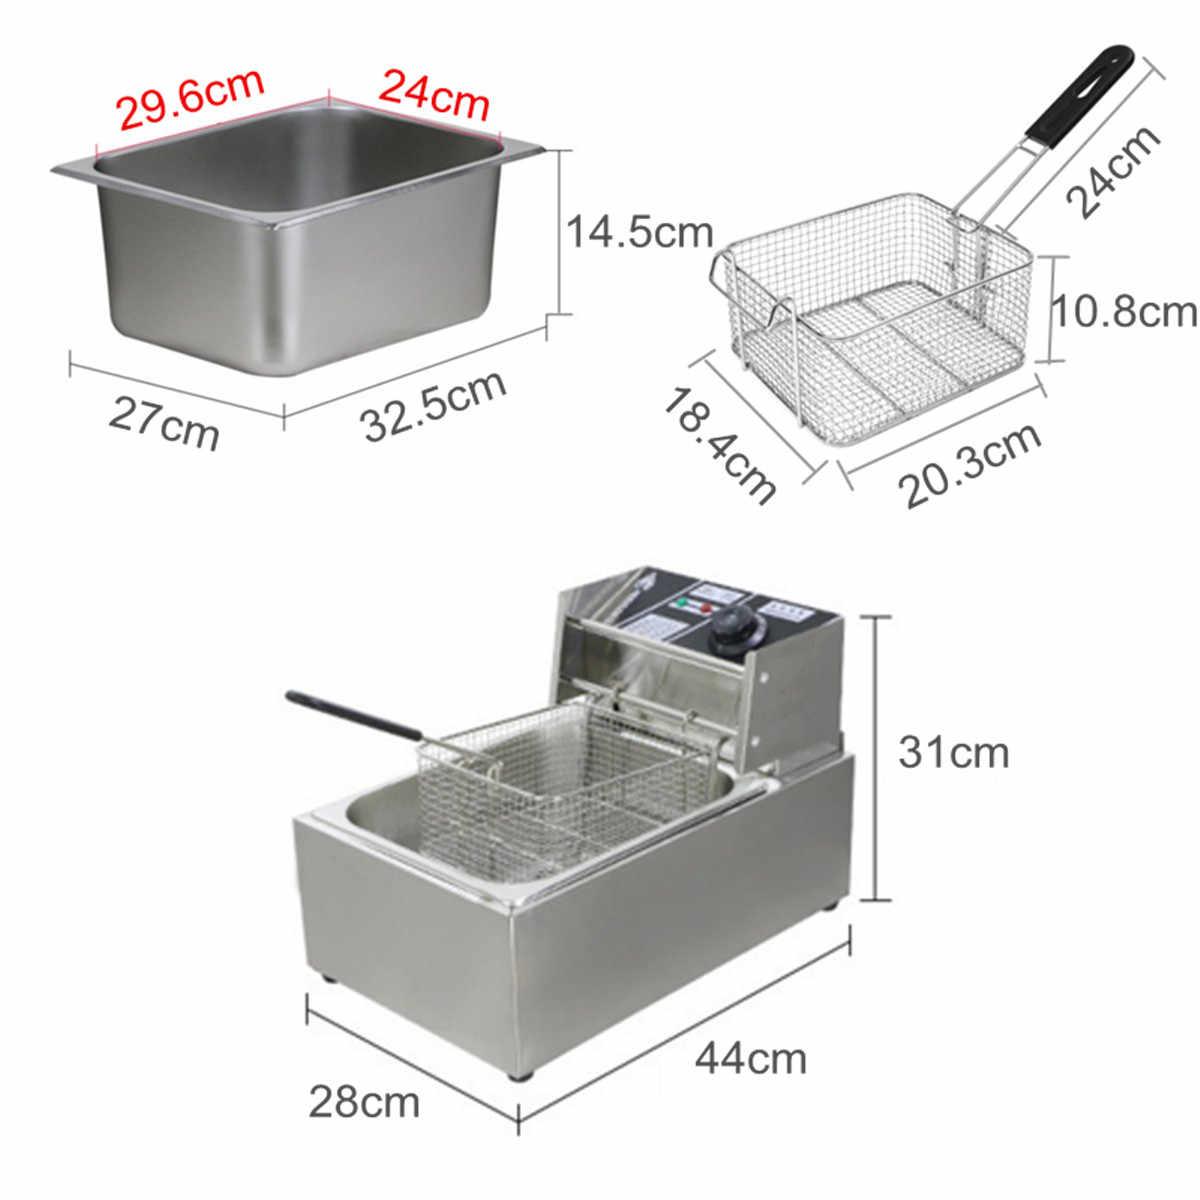 6л 2,5 кВт Сверхмощная Нержавеющая сталь электрическая глубокая Commercial Коммерческая домашняя кухонная сковорода чип Плита Корзина для крыльев Buffalo